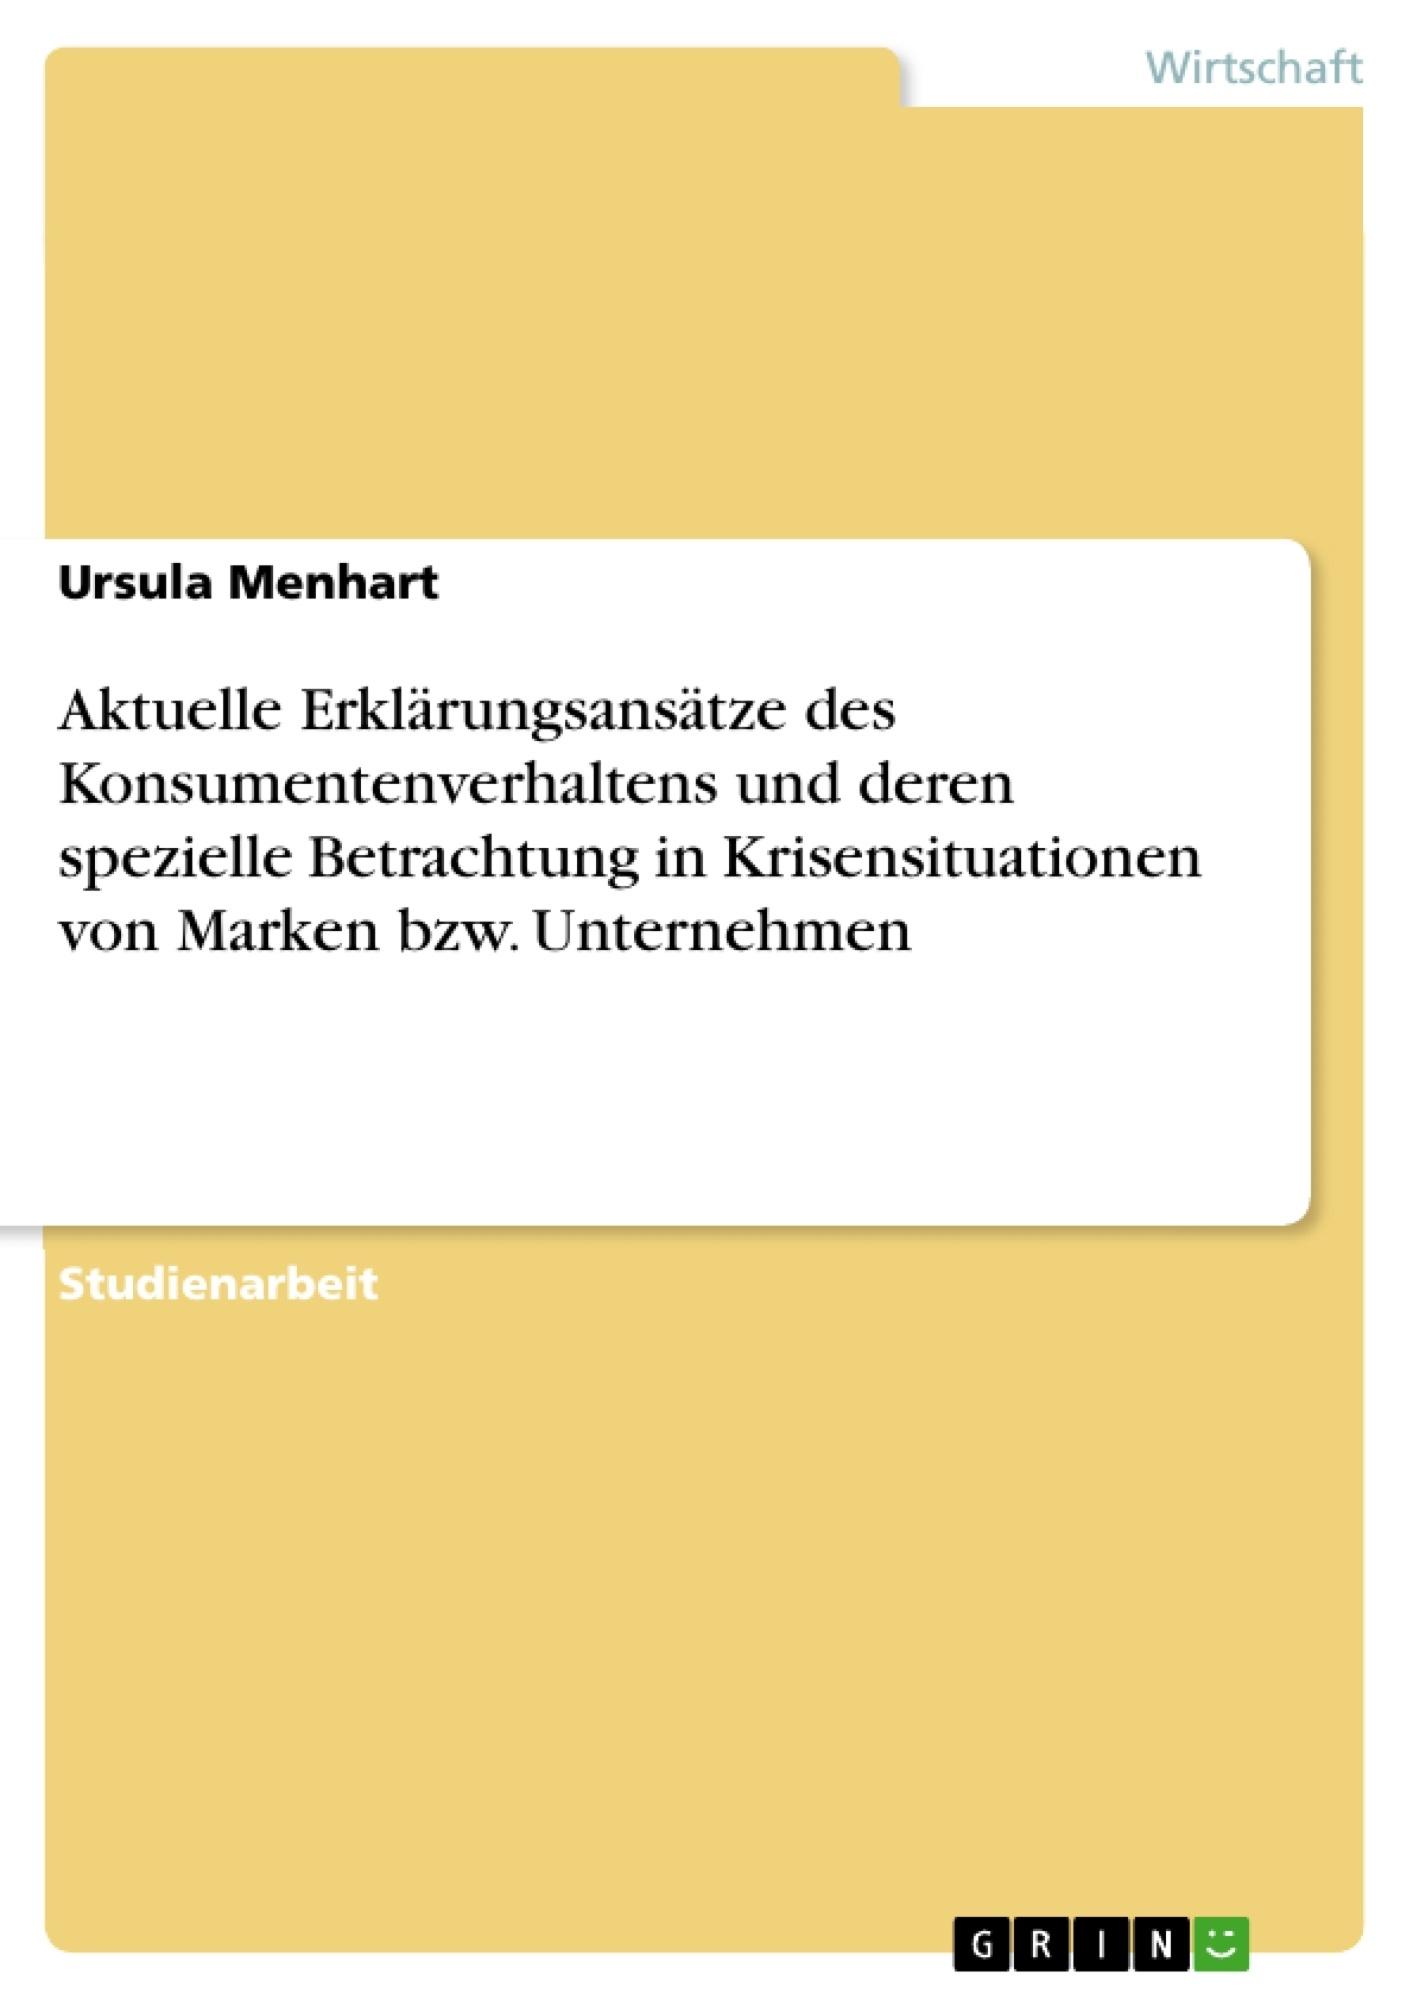 Titel: Aktuelle Erklärungsansätze des Konsumentenverhaltens und deren spezielle Betrachtung in Krisensituationen von Marken bzw. Unternehmen